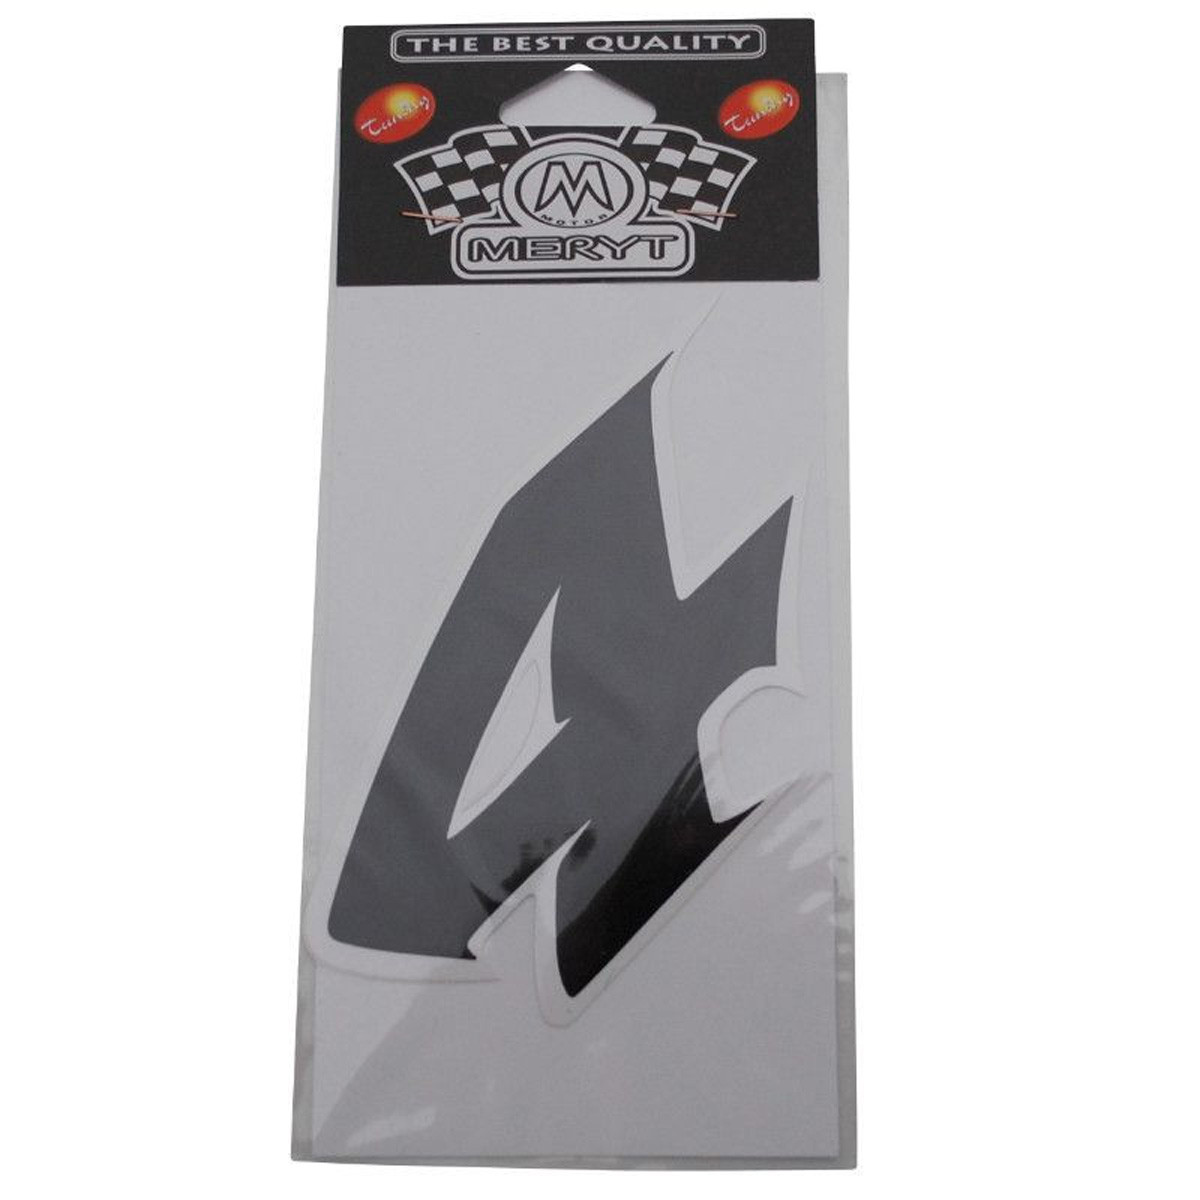 Autocollants 1 Pièces MERYT Numéro 4 Noir 9 cm